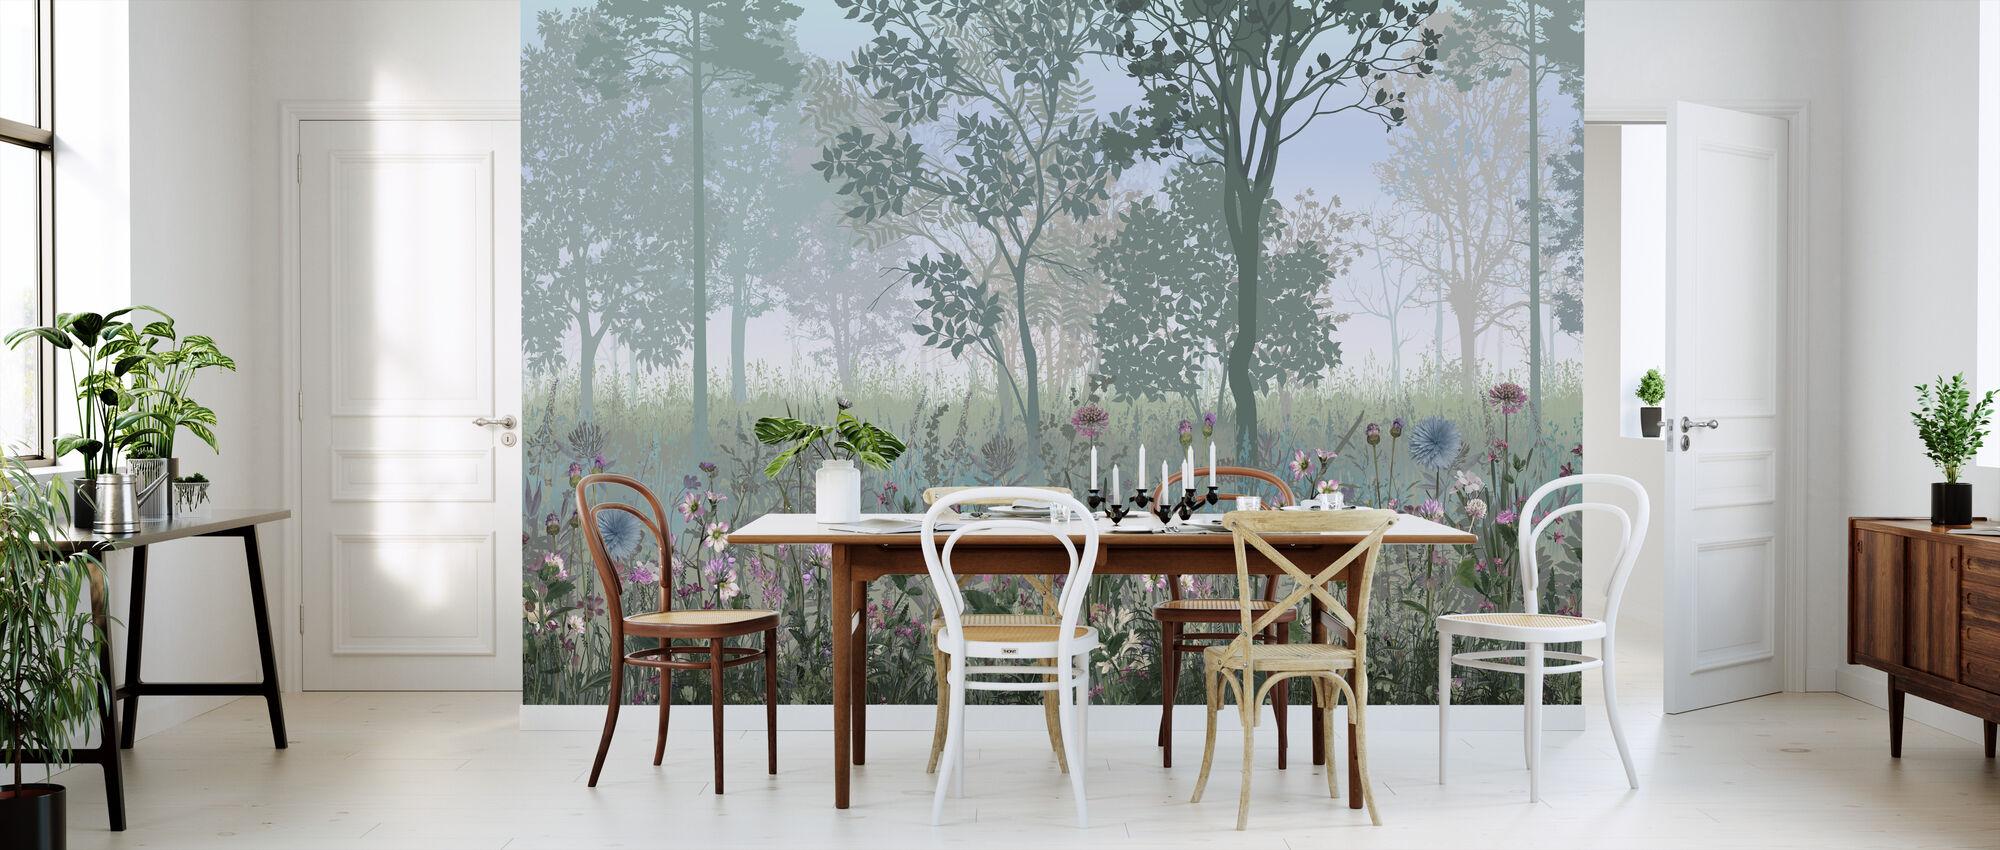 Hazy Forest - Wallpaper - Kitchen